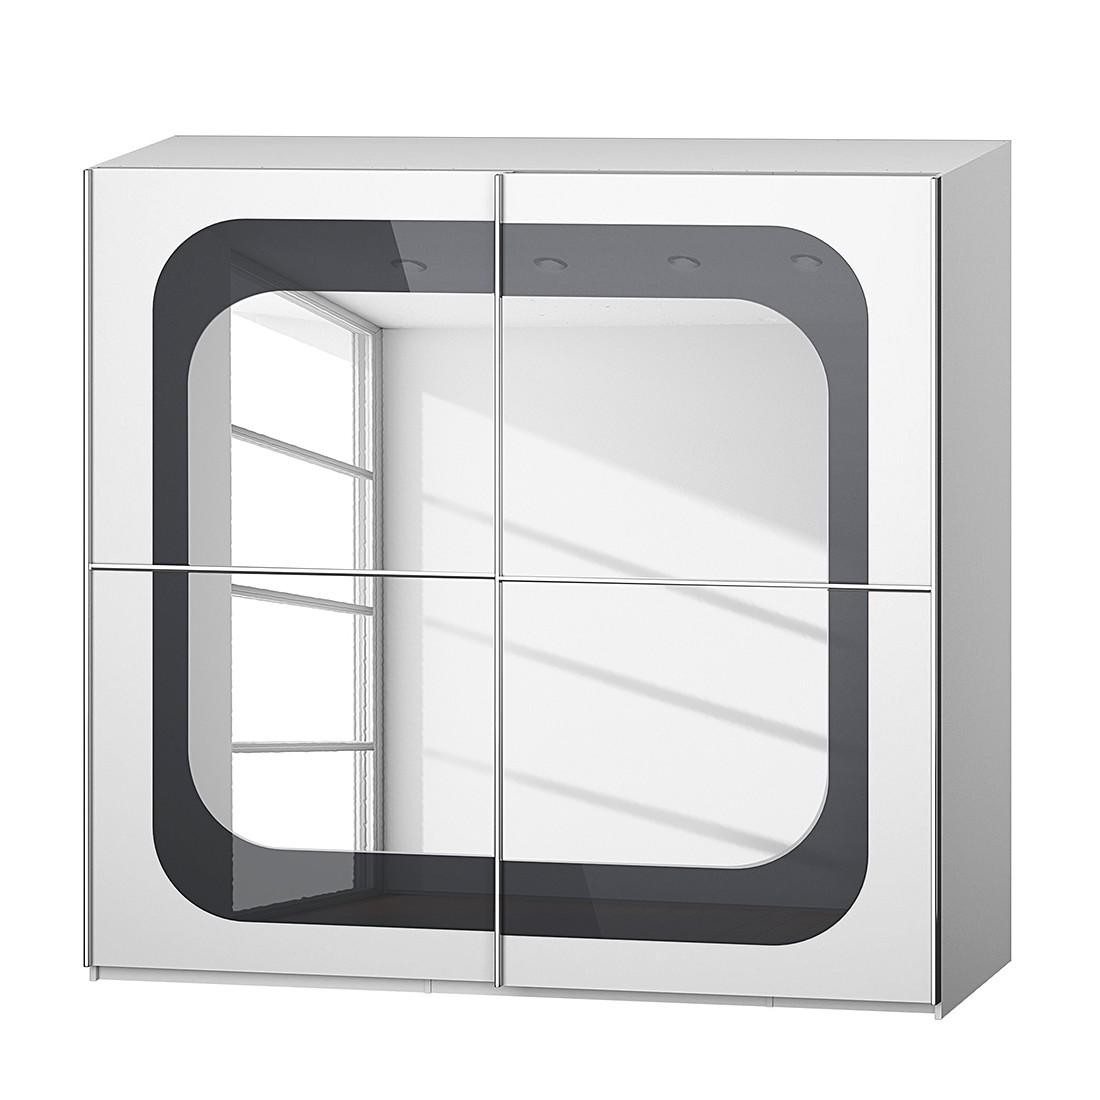 goedkoop Schuifdeurkast Lumos Alpinewit basaltkleurig glas 226cm 2 deurs 223cm Rauch Dialog